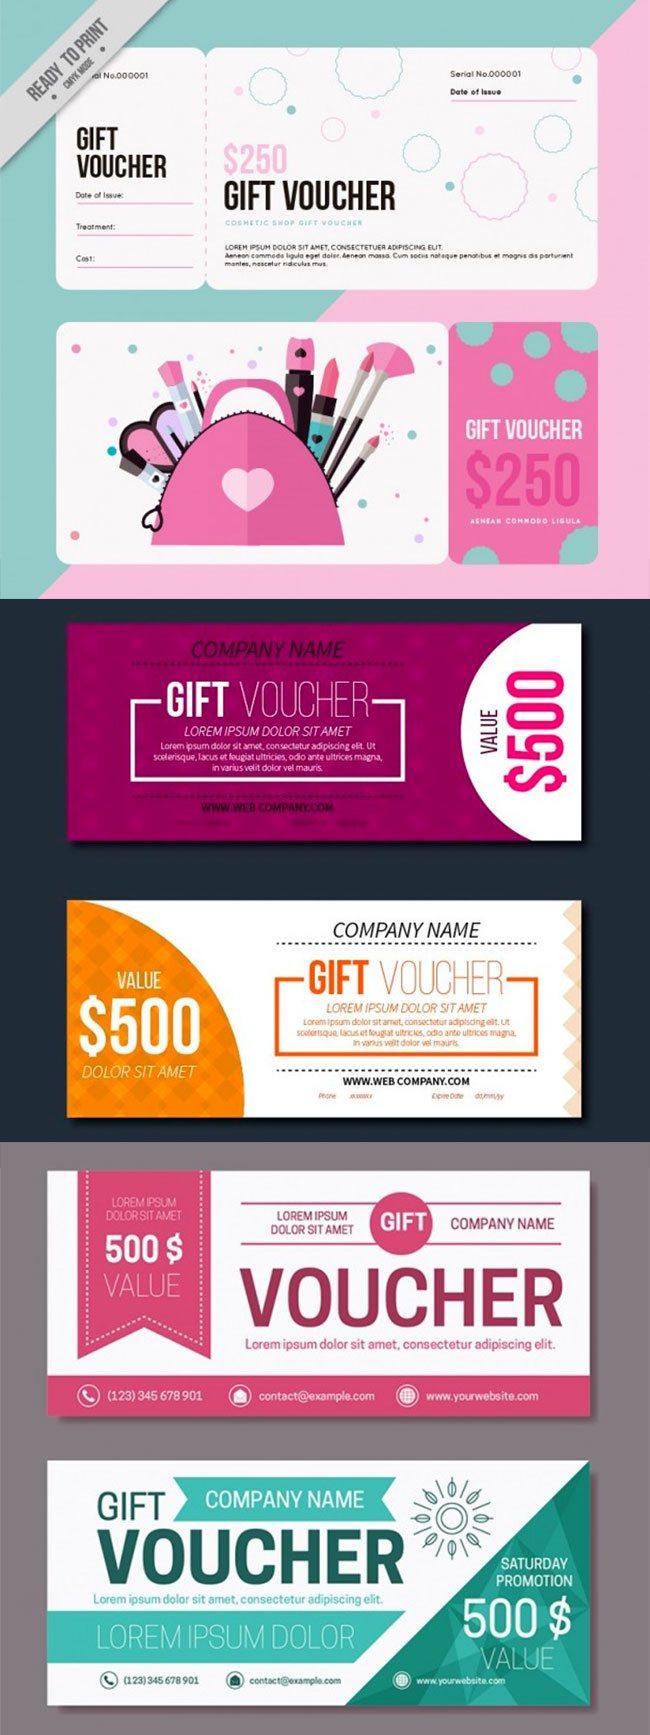 3 mẫu thiết kế voucher phẳng đầy màu sắc